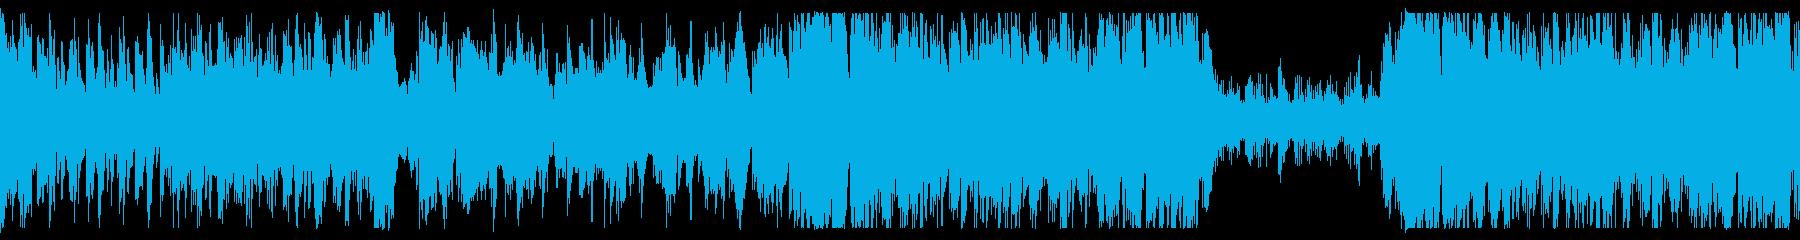 【ループ版】オーケストラ・エピ…冒険の再生済みの波形